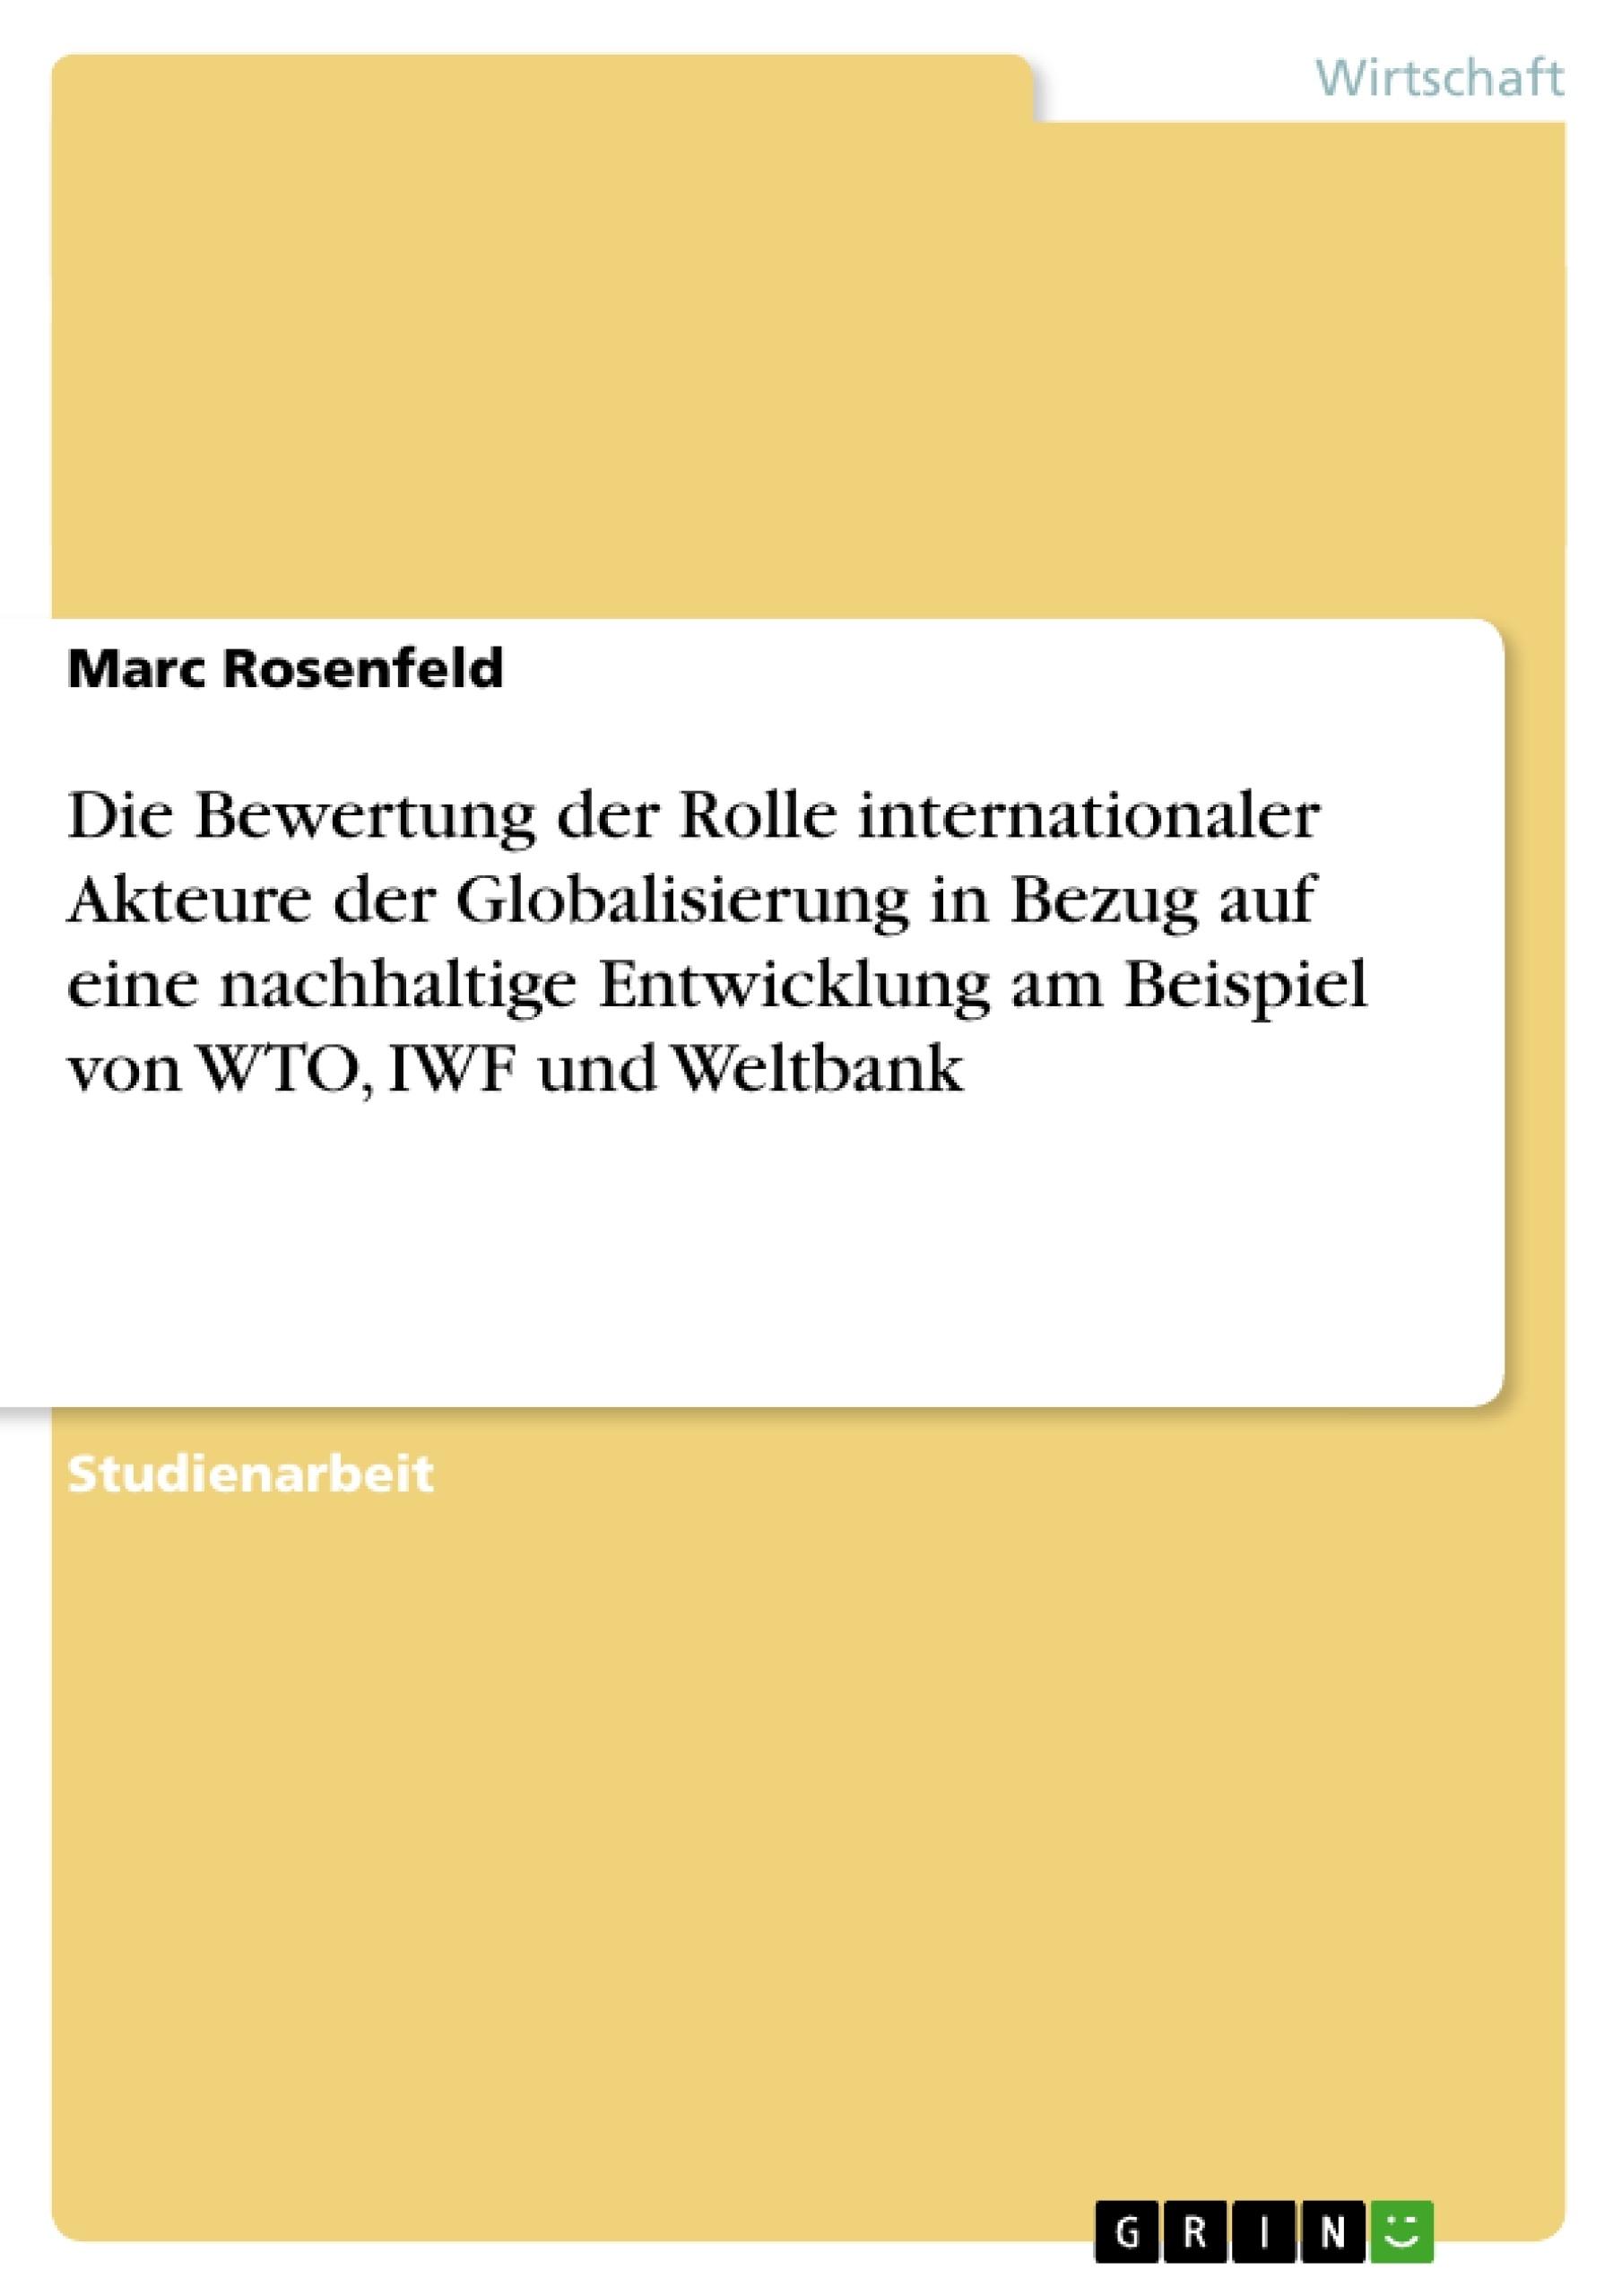 Titel: Die Bewertung der Rolle internationaler Akteure der Globalisierung in Bezug auf eine nachhaltige Entwicklung am Beispiel von WTO, IWF und Weltbank